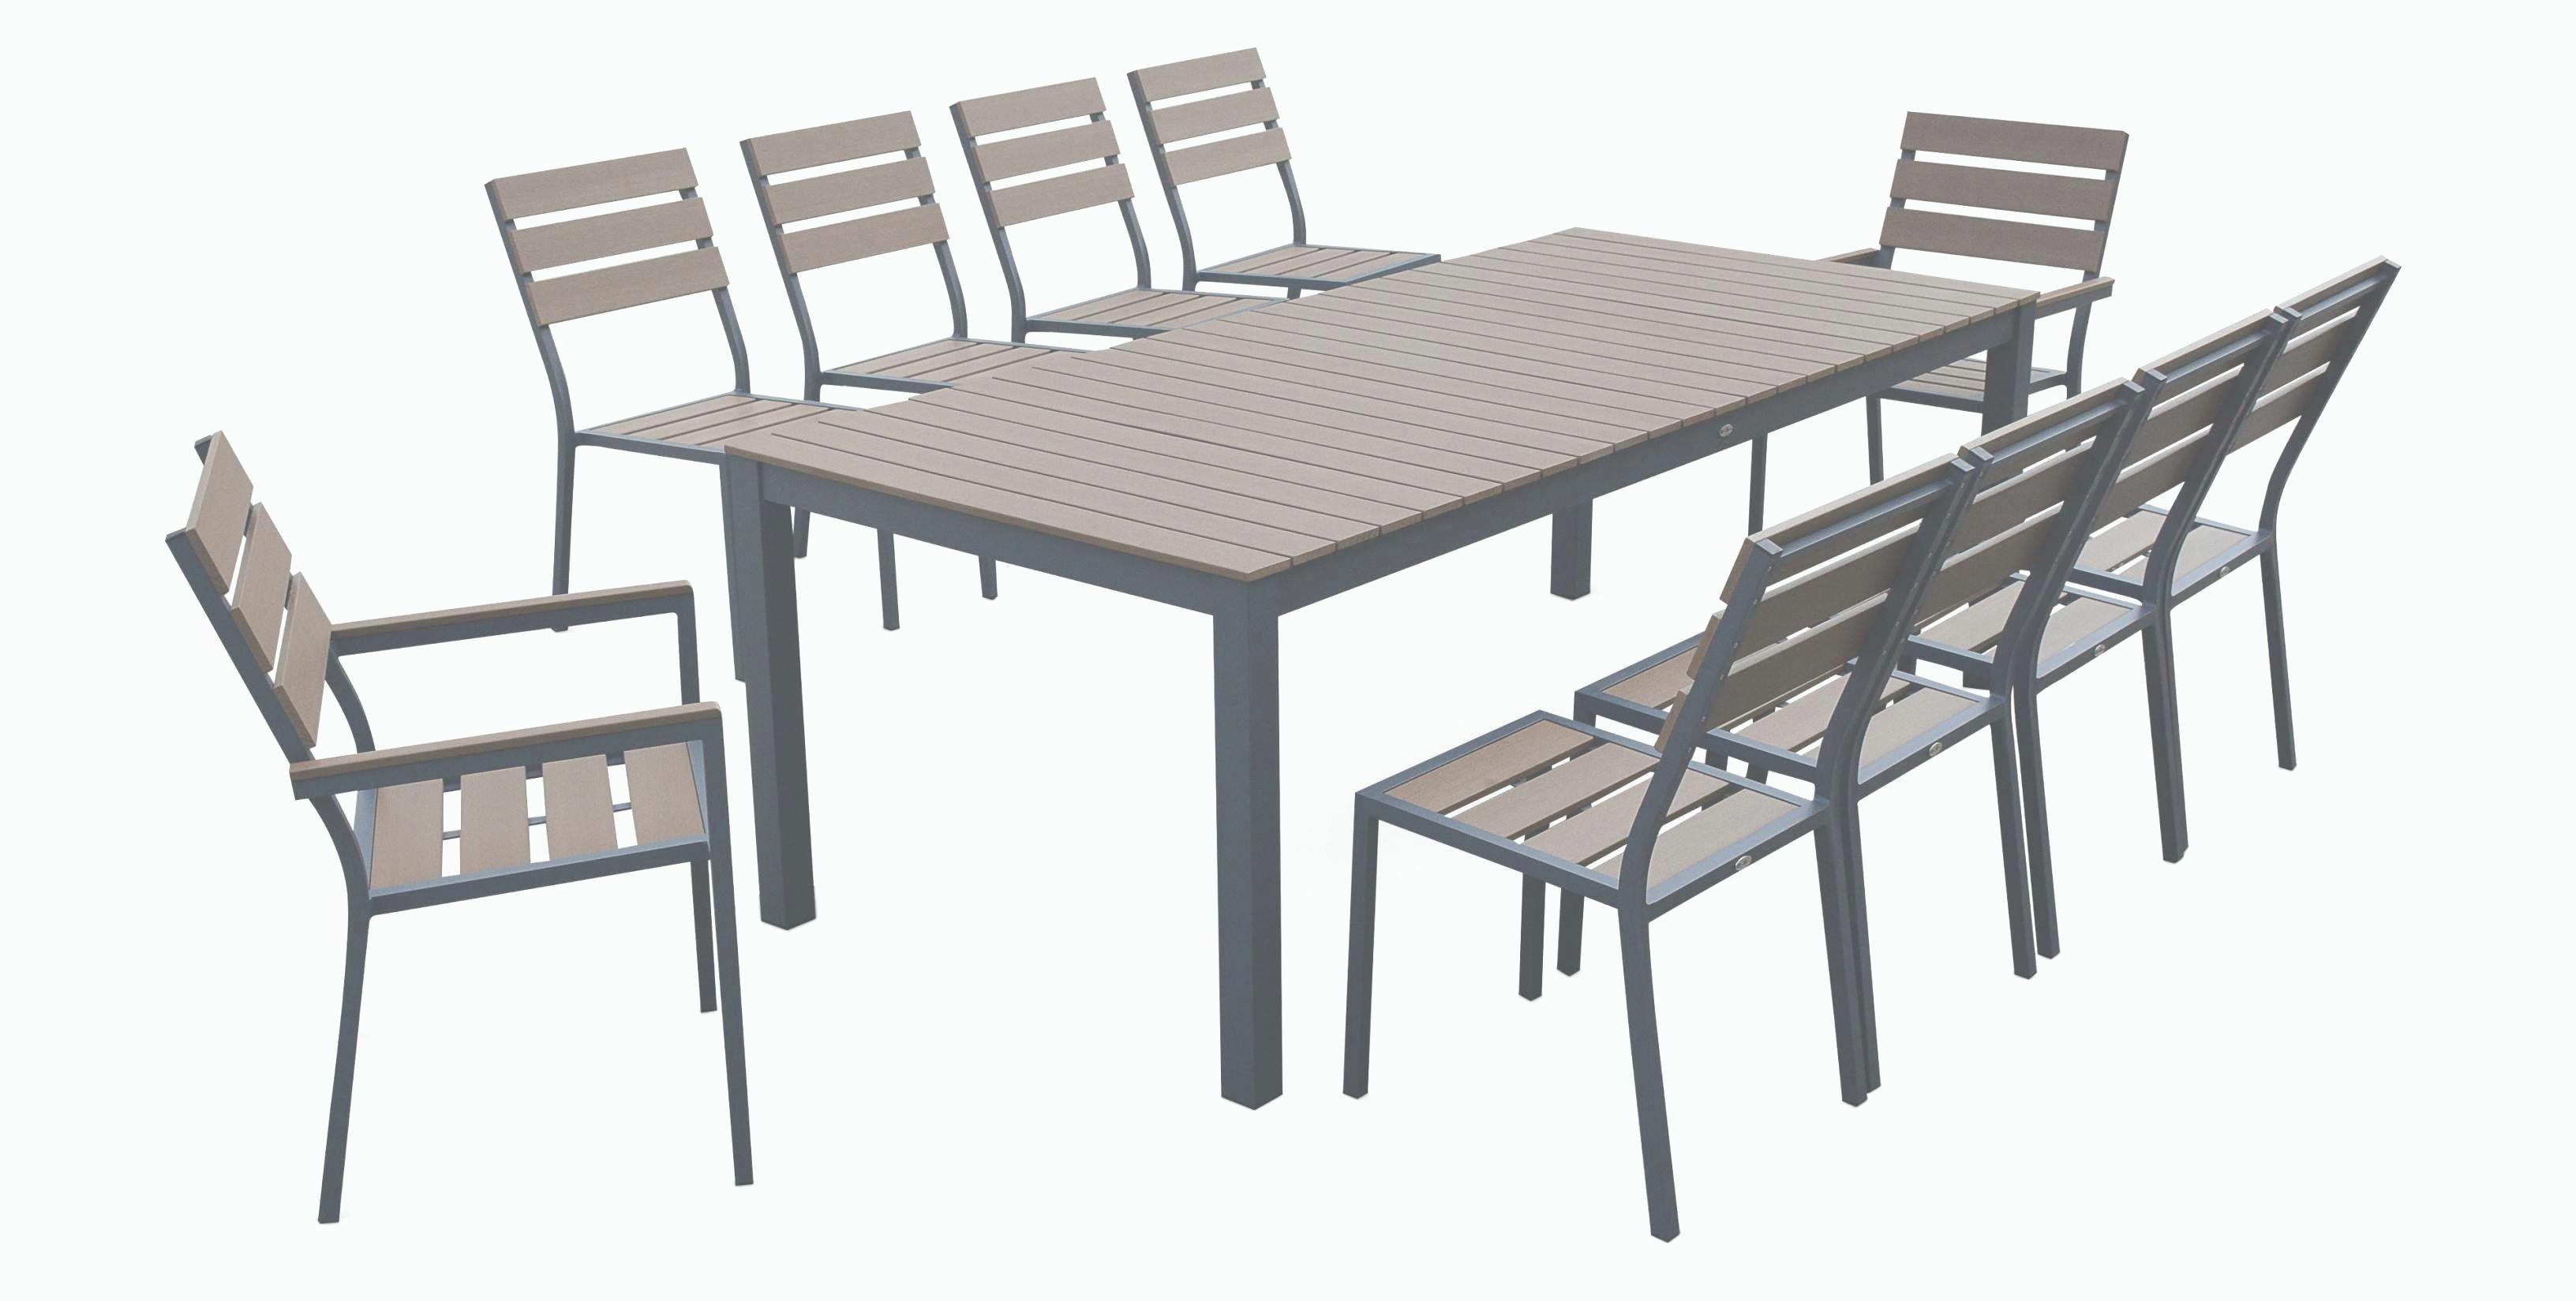 Table Kettler solde Meilleur De Images Table De Jardin Pliante Pas Cher Meilleur De Table Pliante En